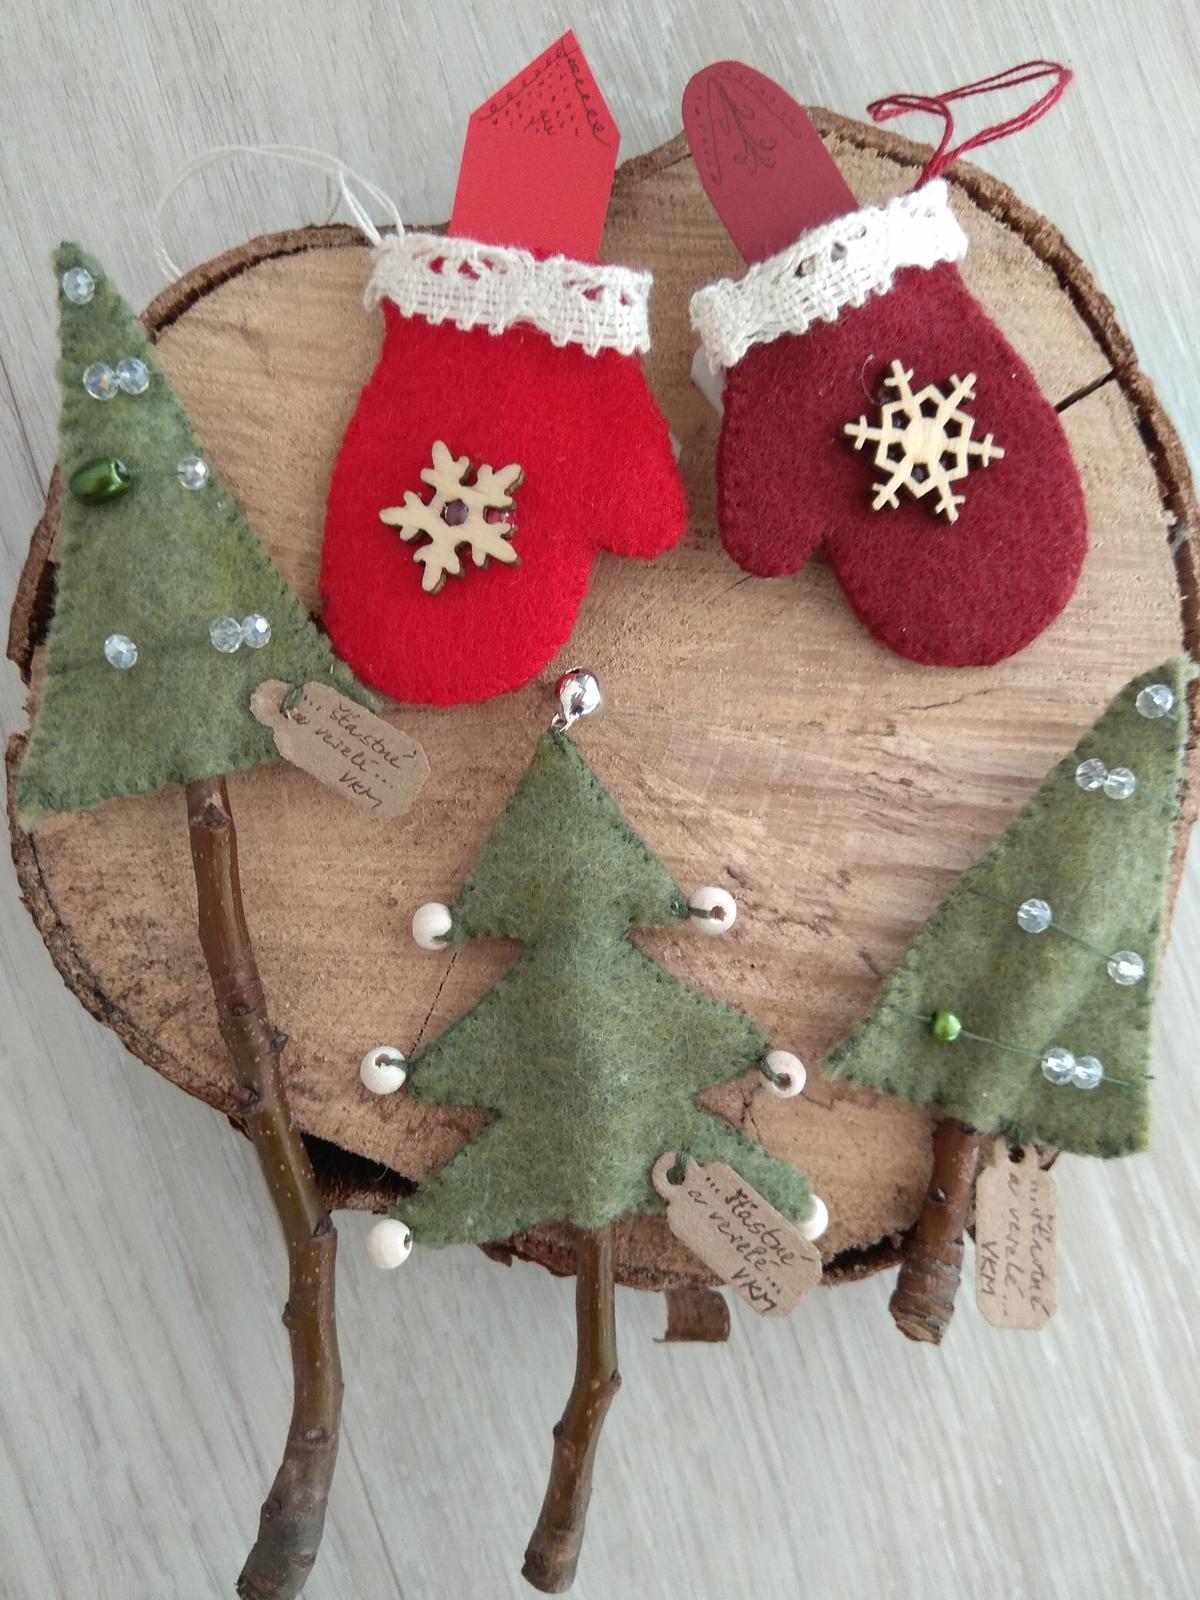 Když tvořím podle něčeho, aneb moje DIY - Vánoční přání,  která jsou strojem vsita do baliciho papíru (viz další foto)